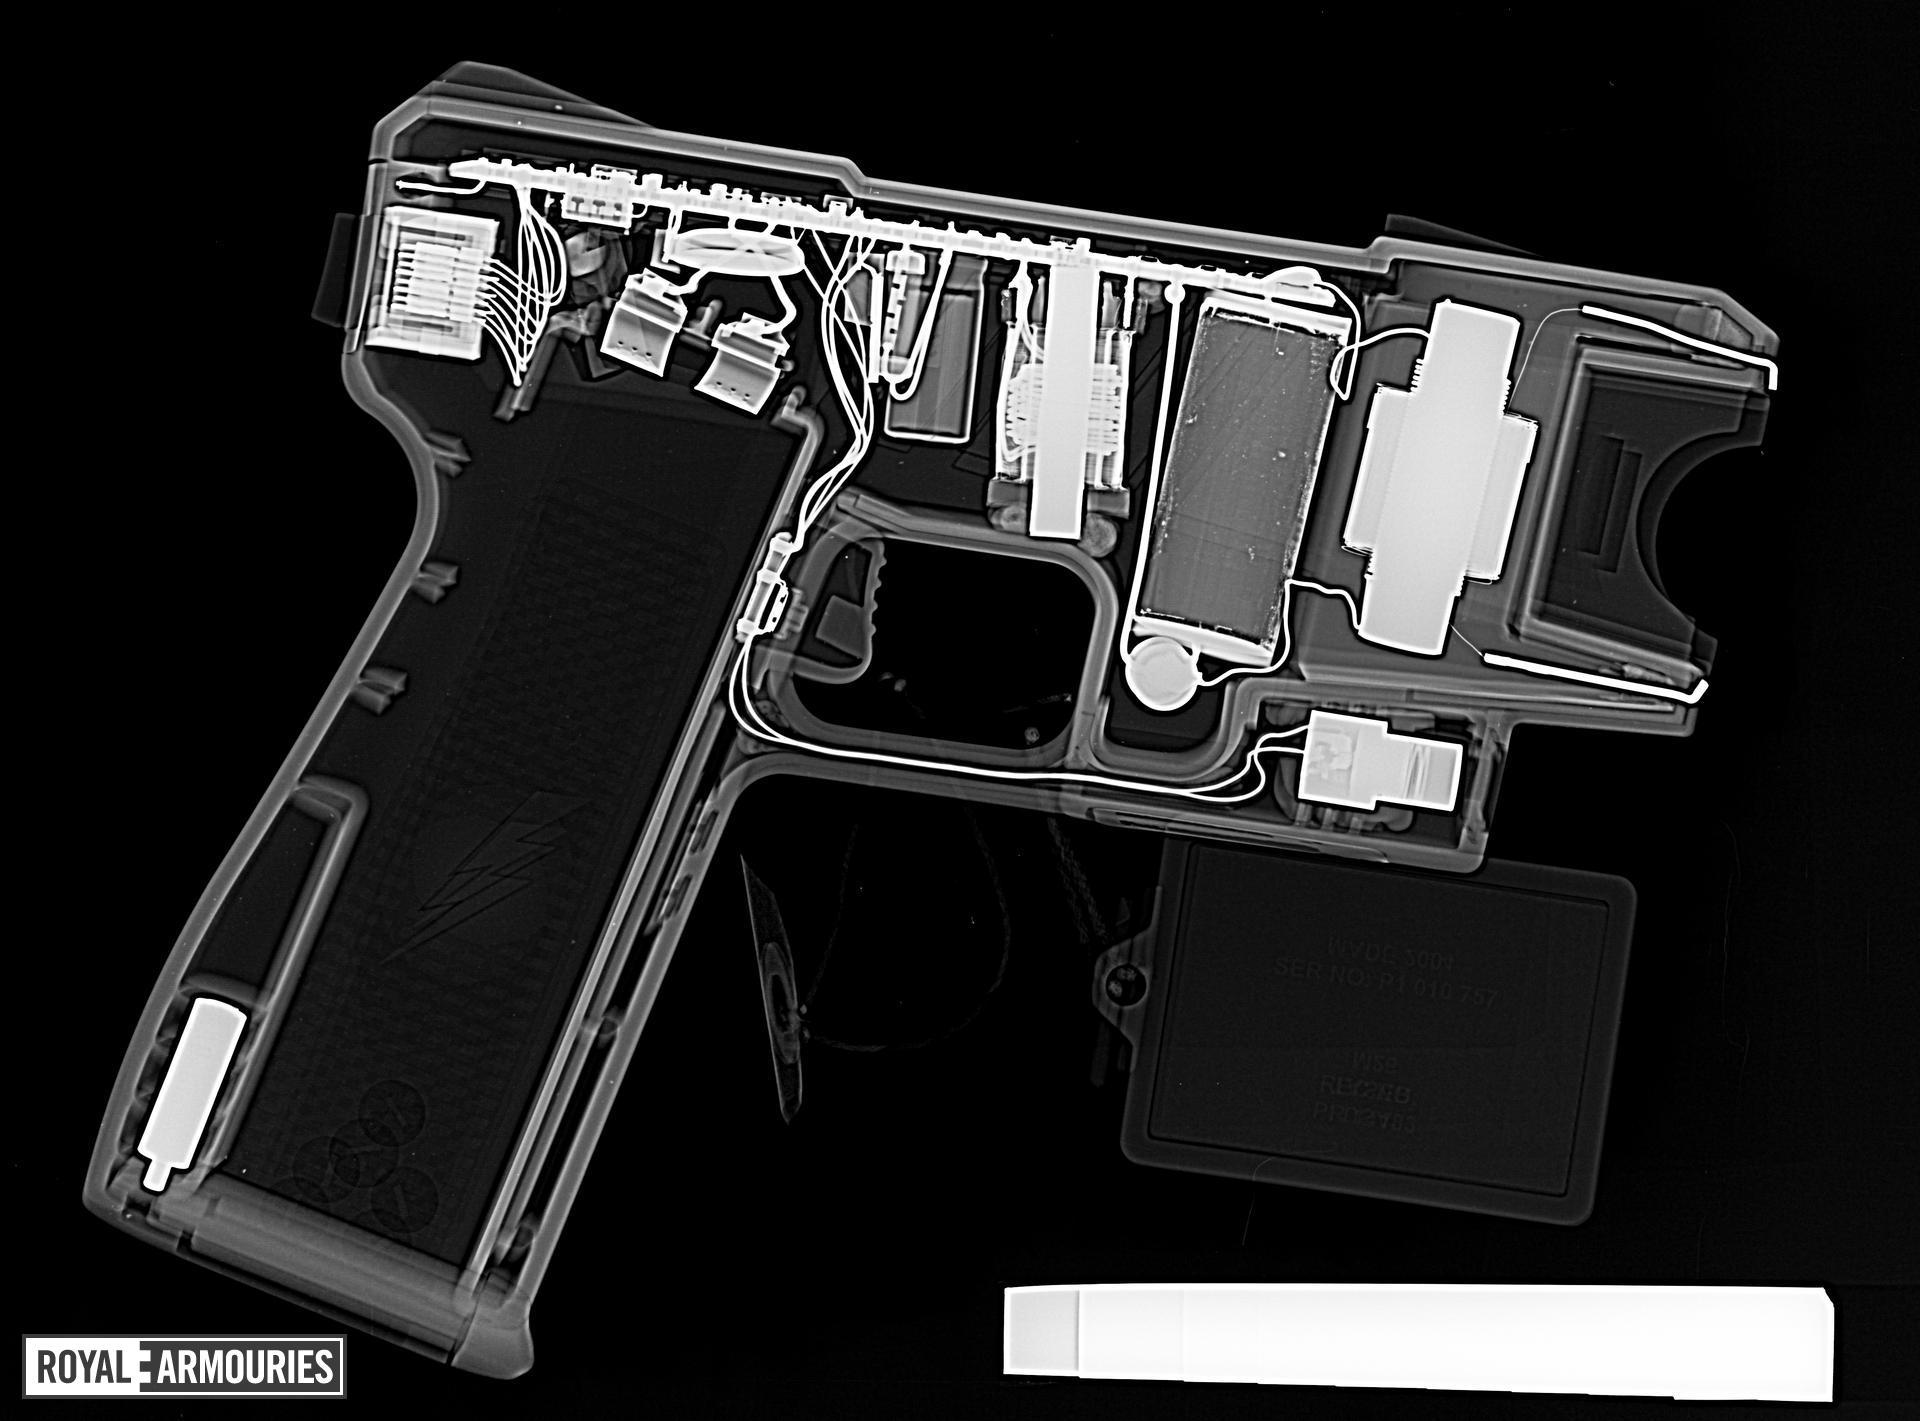 Electroshock device - M26 Taser